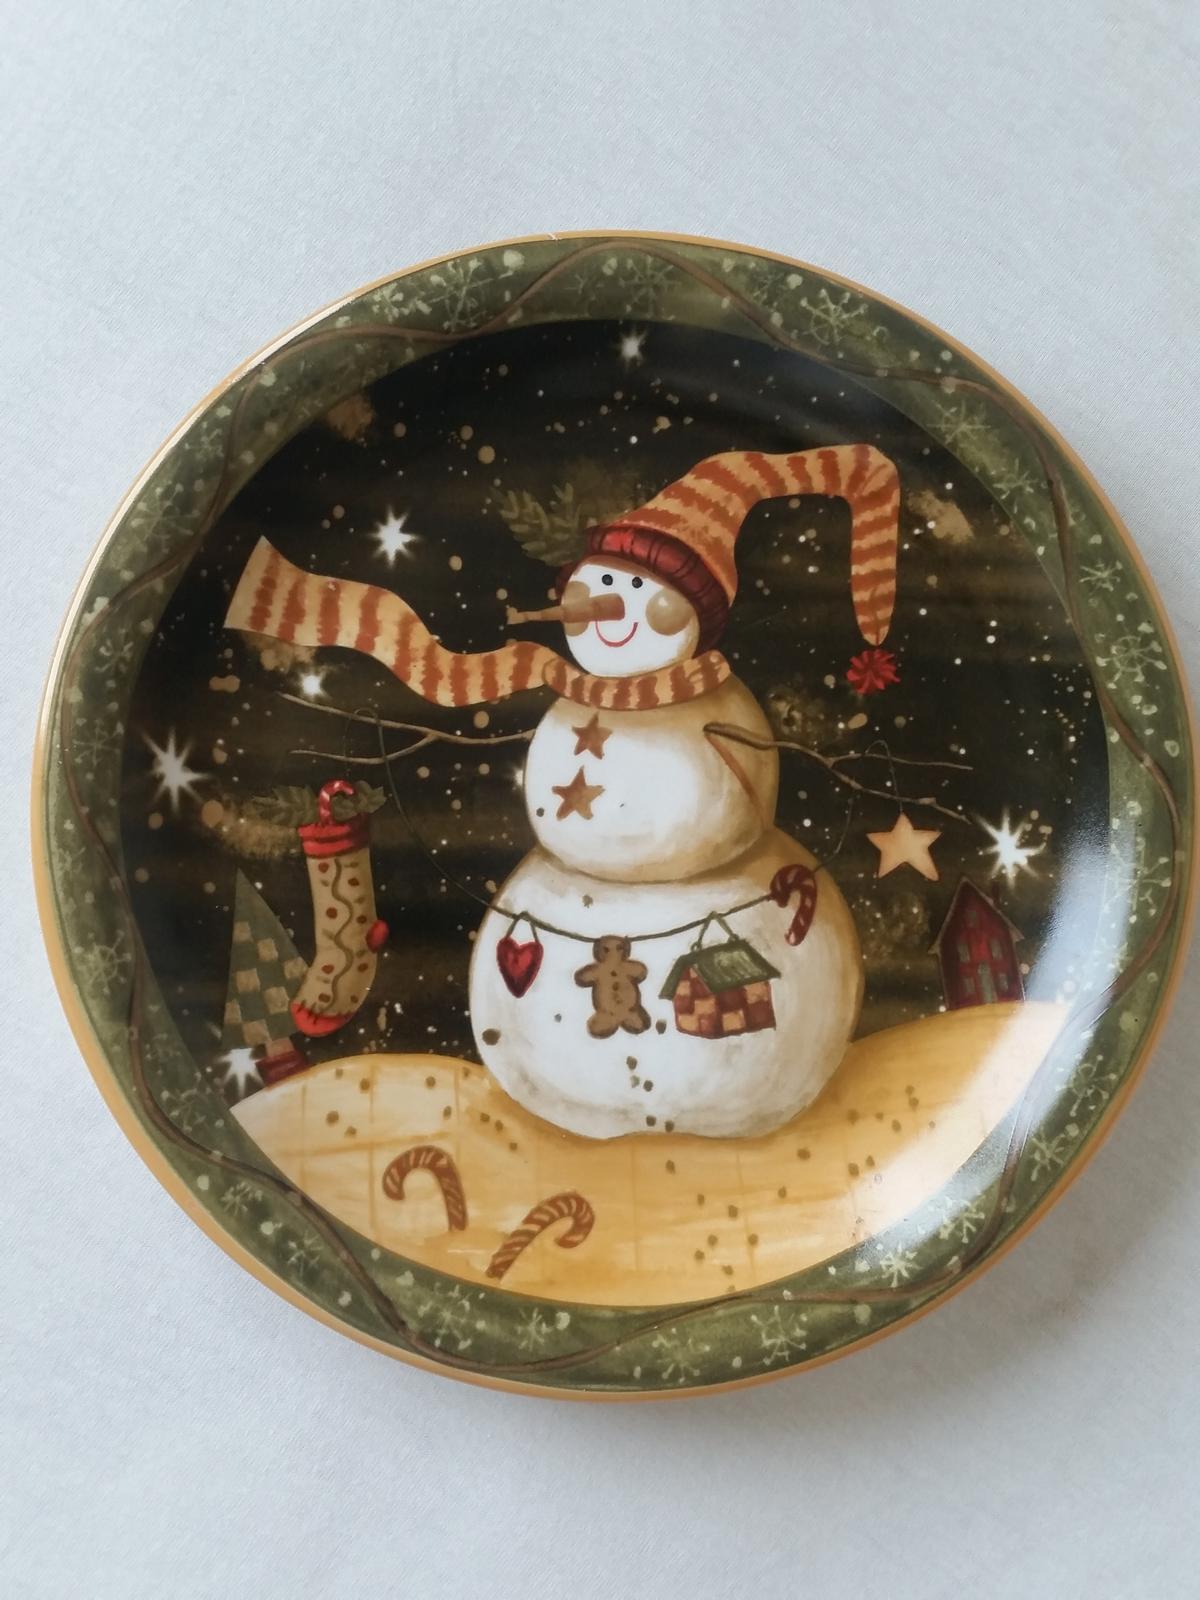 vnároční talíř sněhulák - Obrázek č. 1